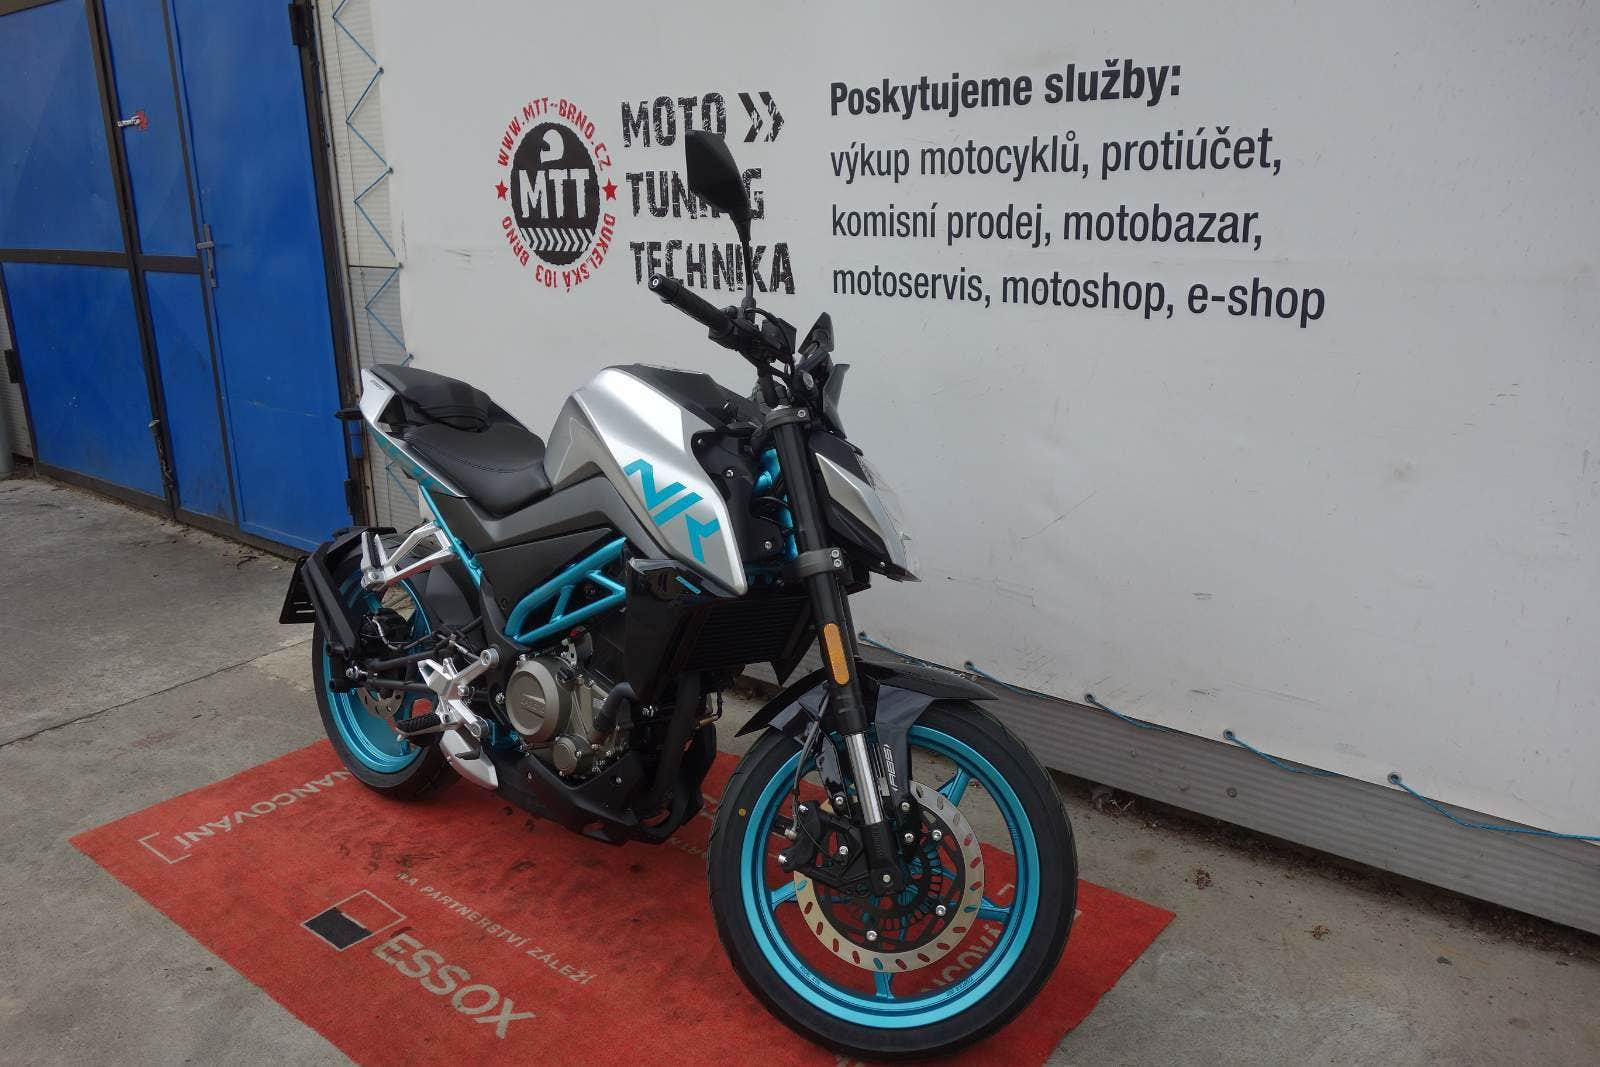 CFmoto 300 NK ABS Prodloženázáruka 5 let (2020), Brno